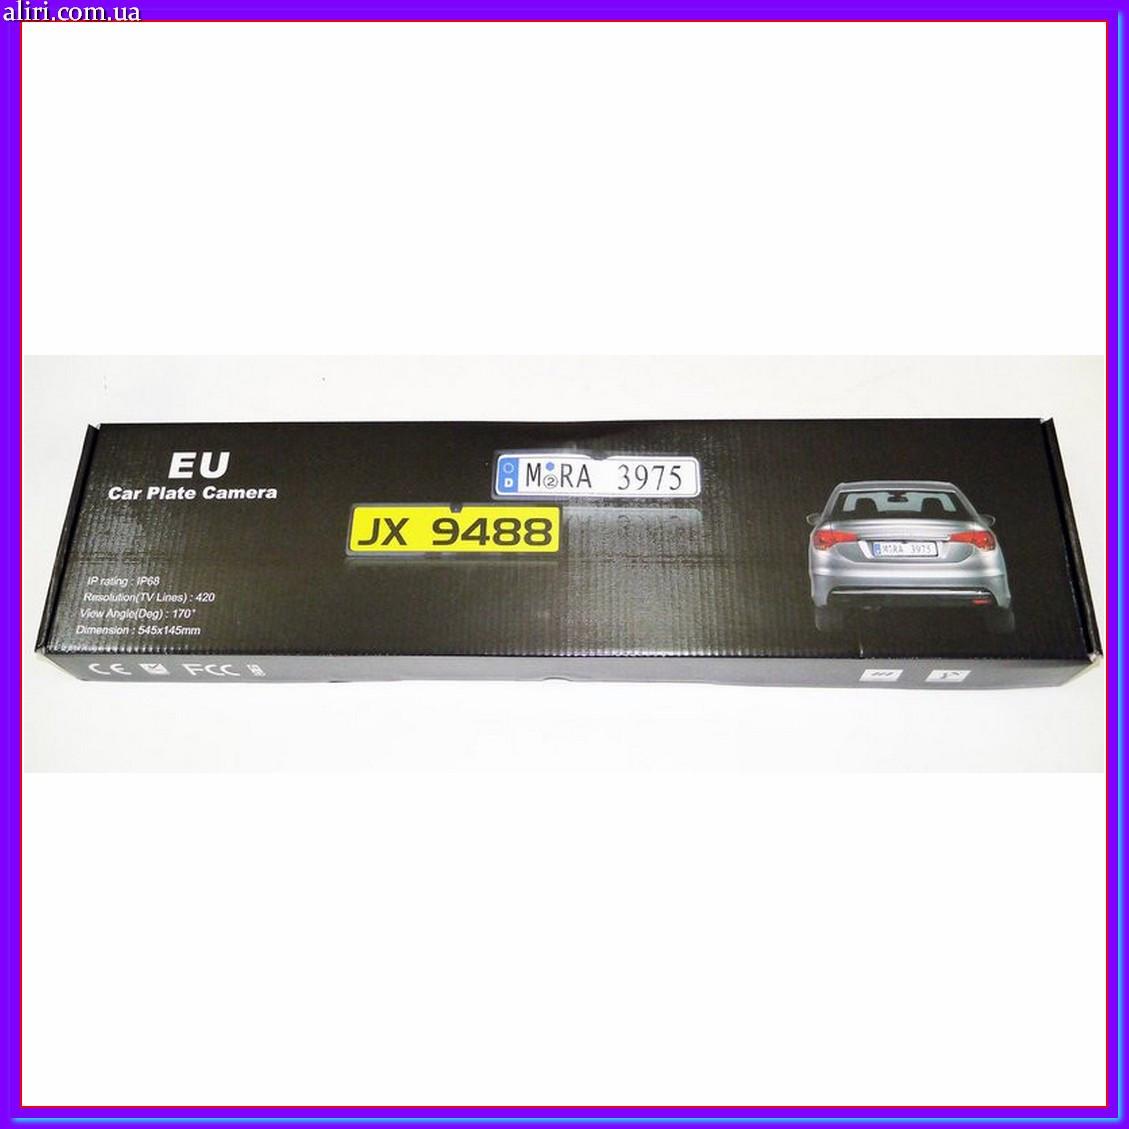 Камера заднего вида в рамке автомобильного номера с LED подсветкой Черная, фото 1